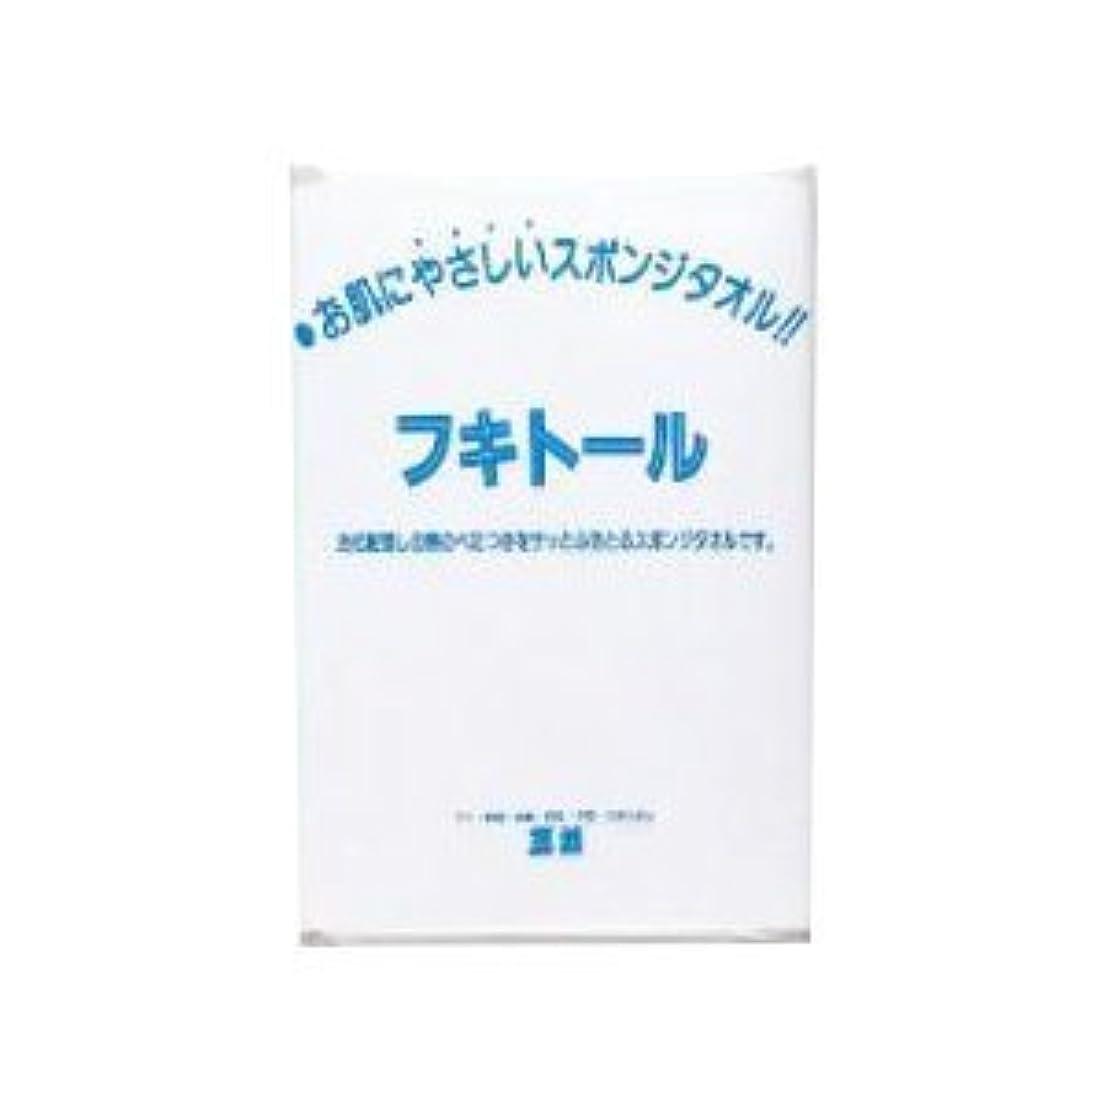 掘るスペル財団フキトール(スポンジタオル)【三善】